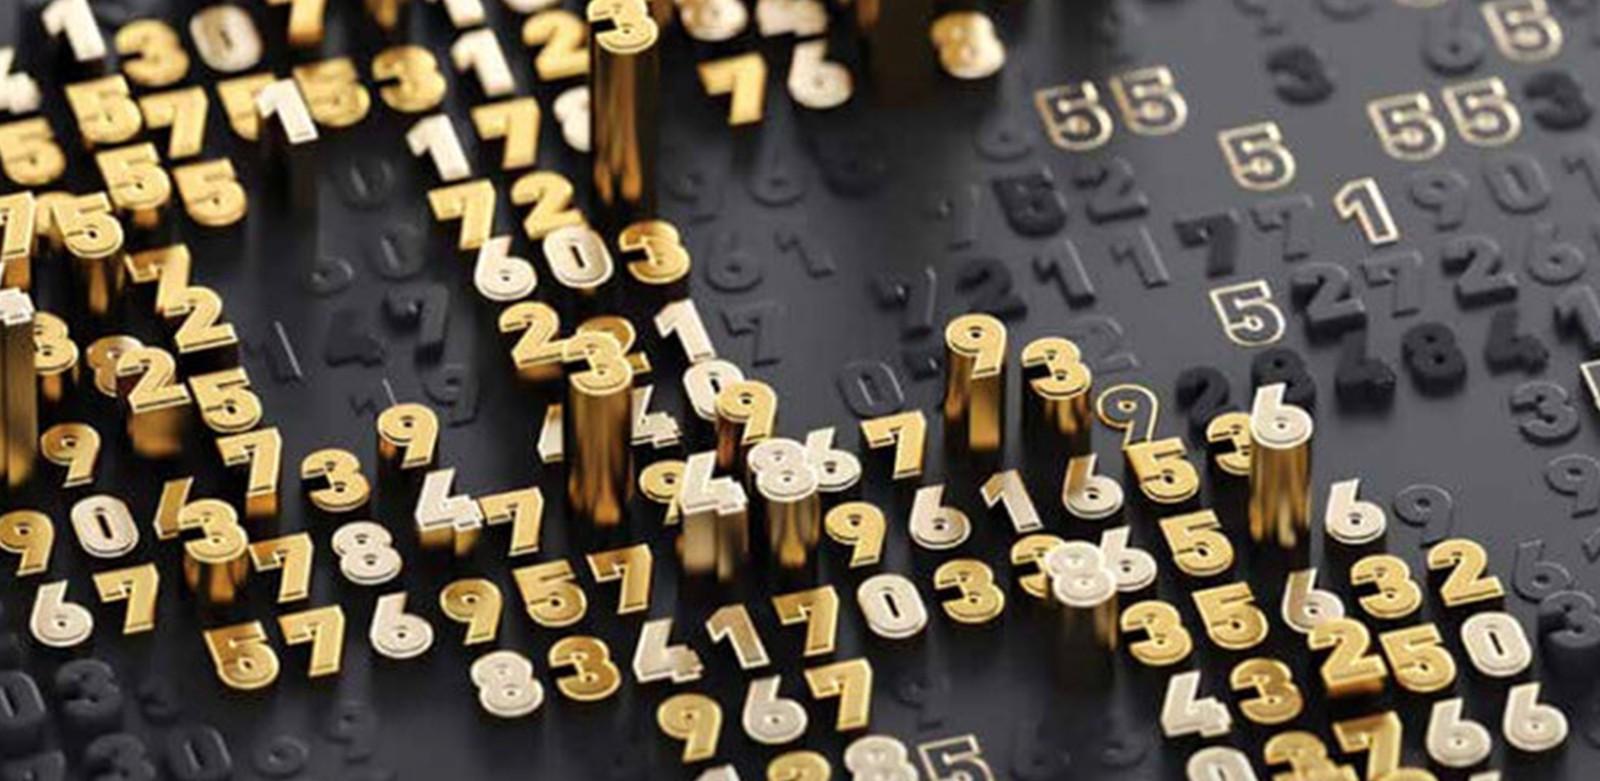 Крупные центробанки планируют обсудить создание цифровых валют